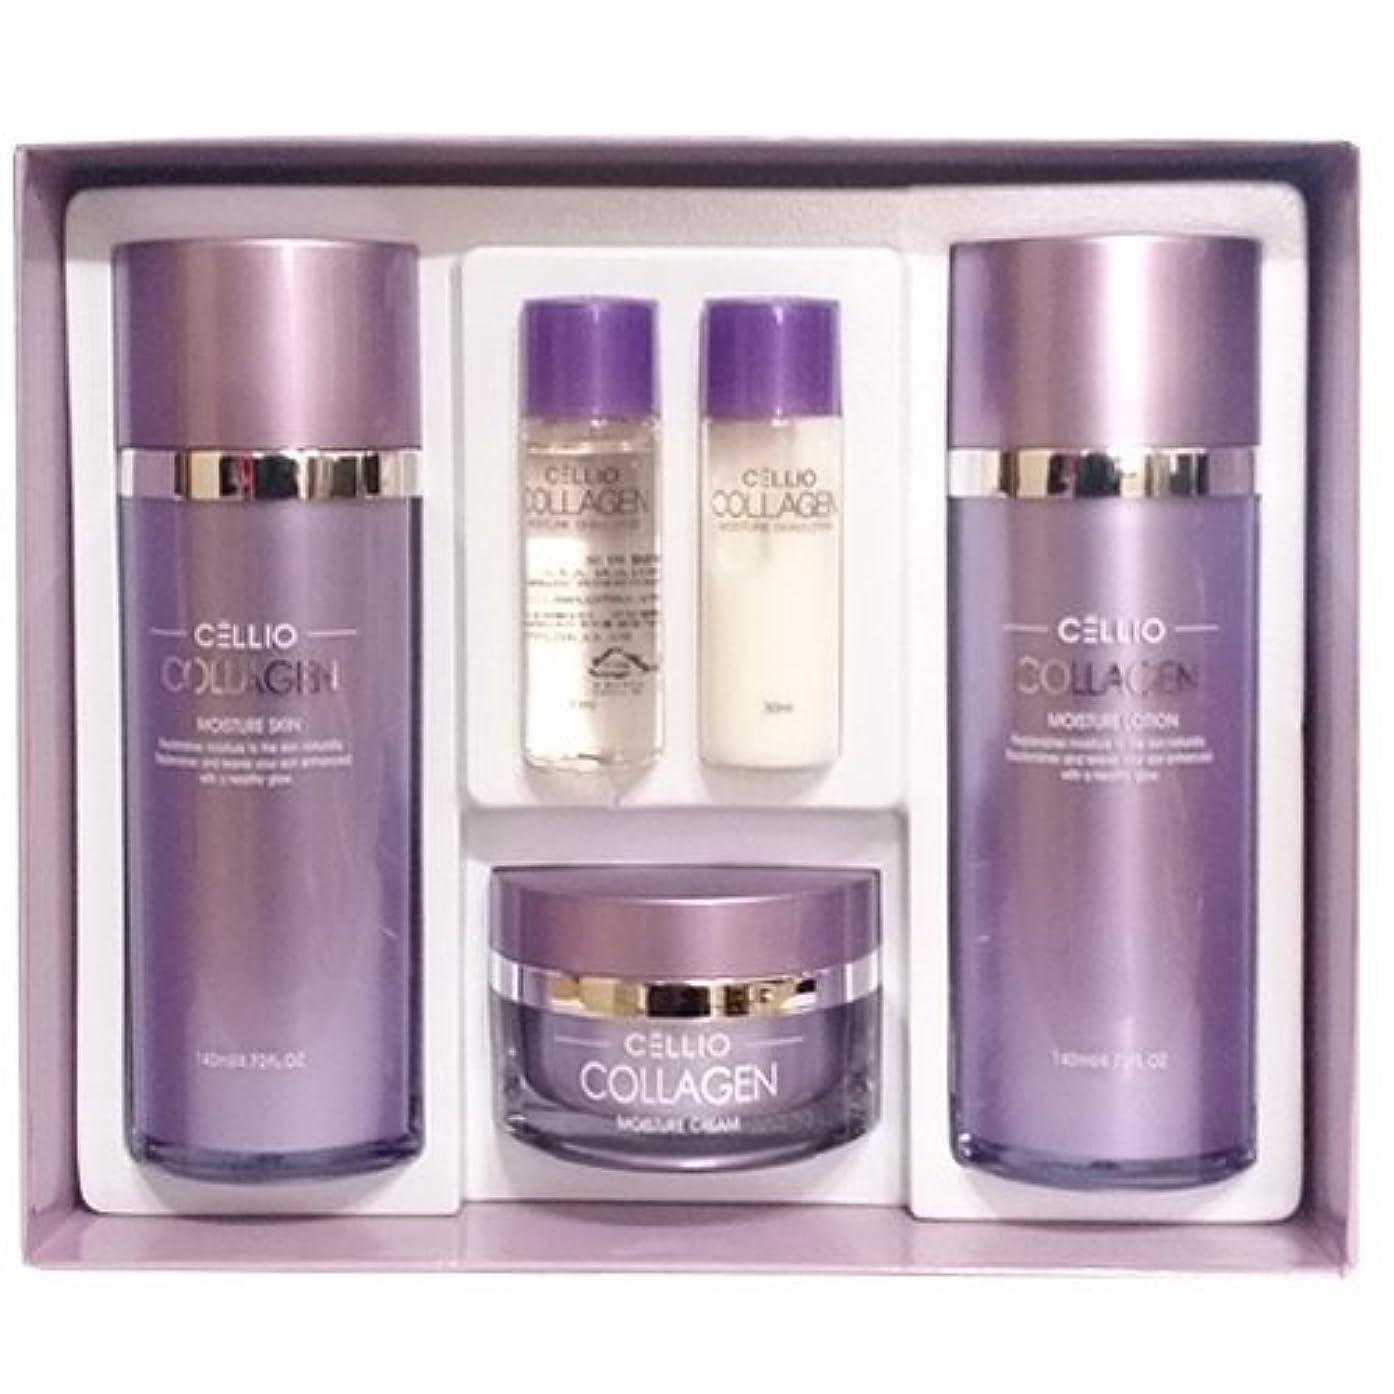 上級ボウル一部セルリオ[韓国コスメCELLIO]Collagen Moisture Skin Careコラーゲンモイスチャースキンケア3セット,樹液,乳液,クリーム [並行輸入品]